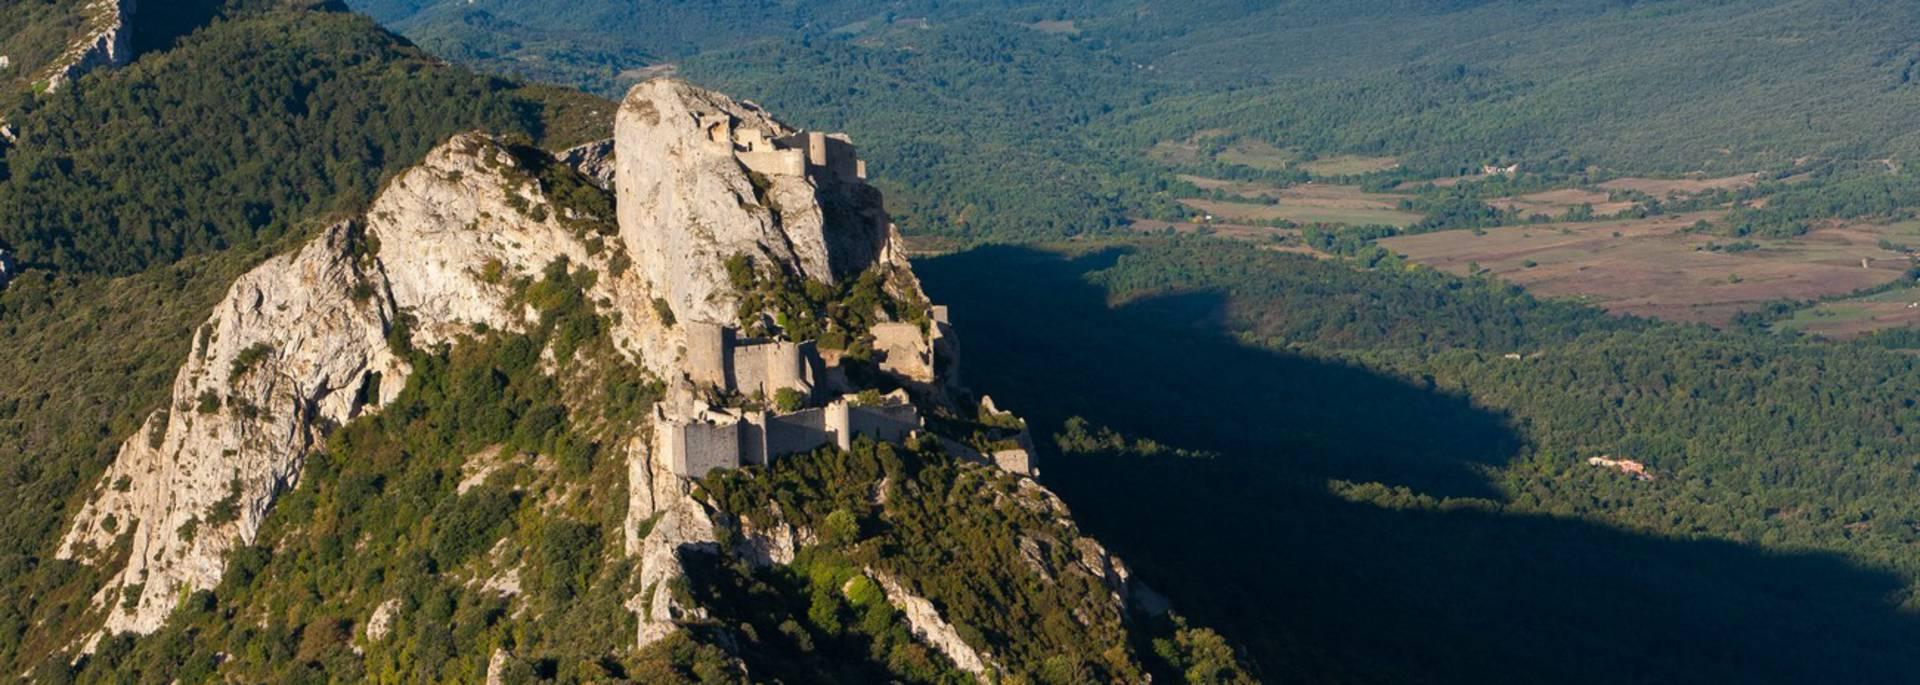 Die Burg Peyrepertuse